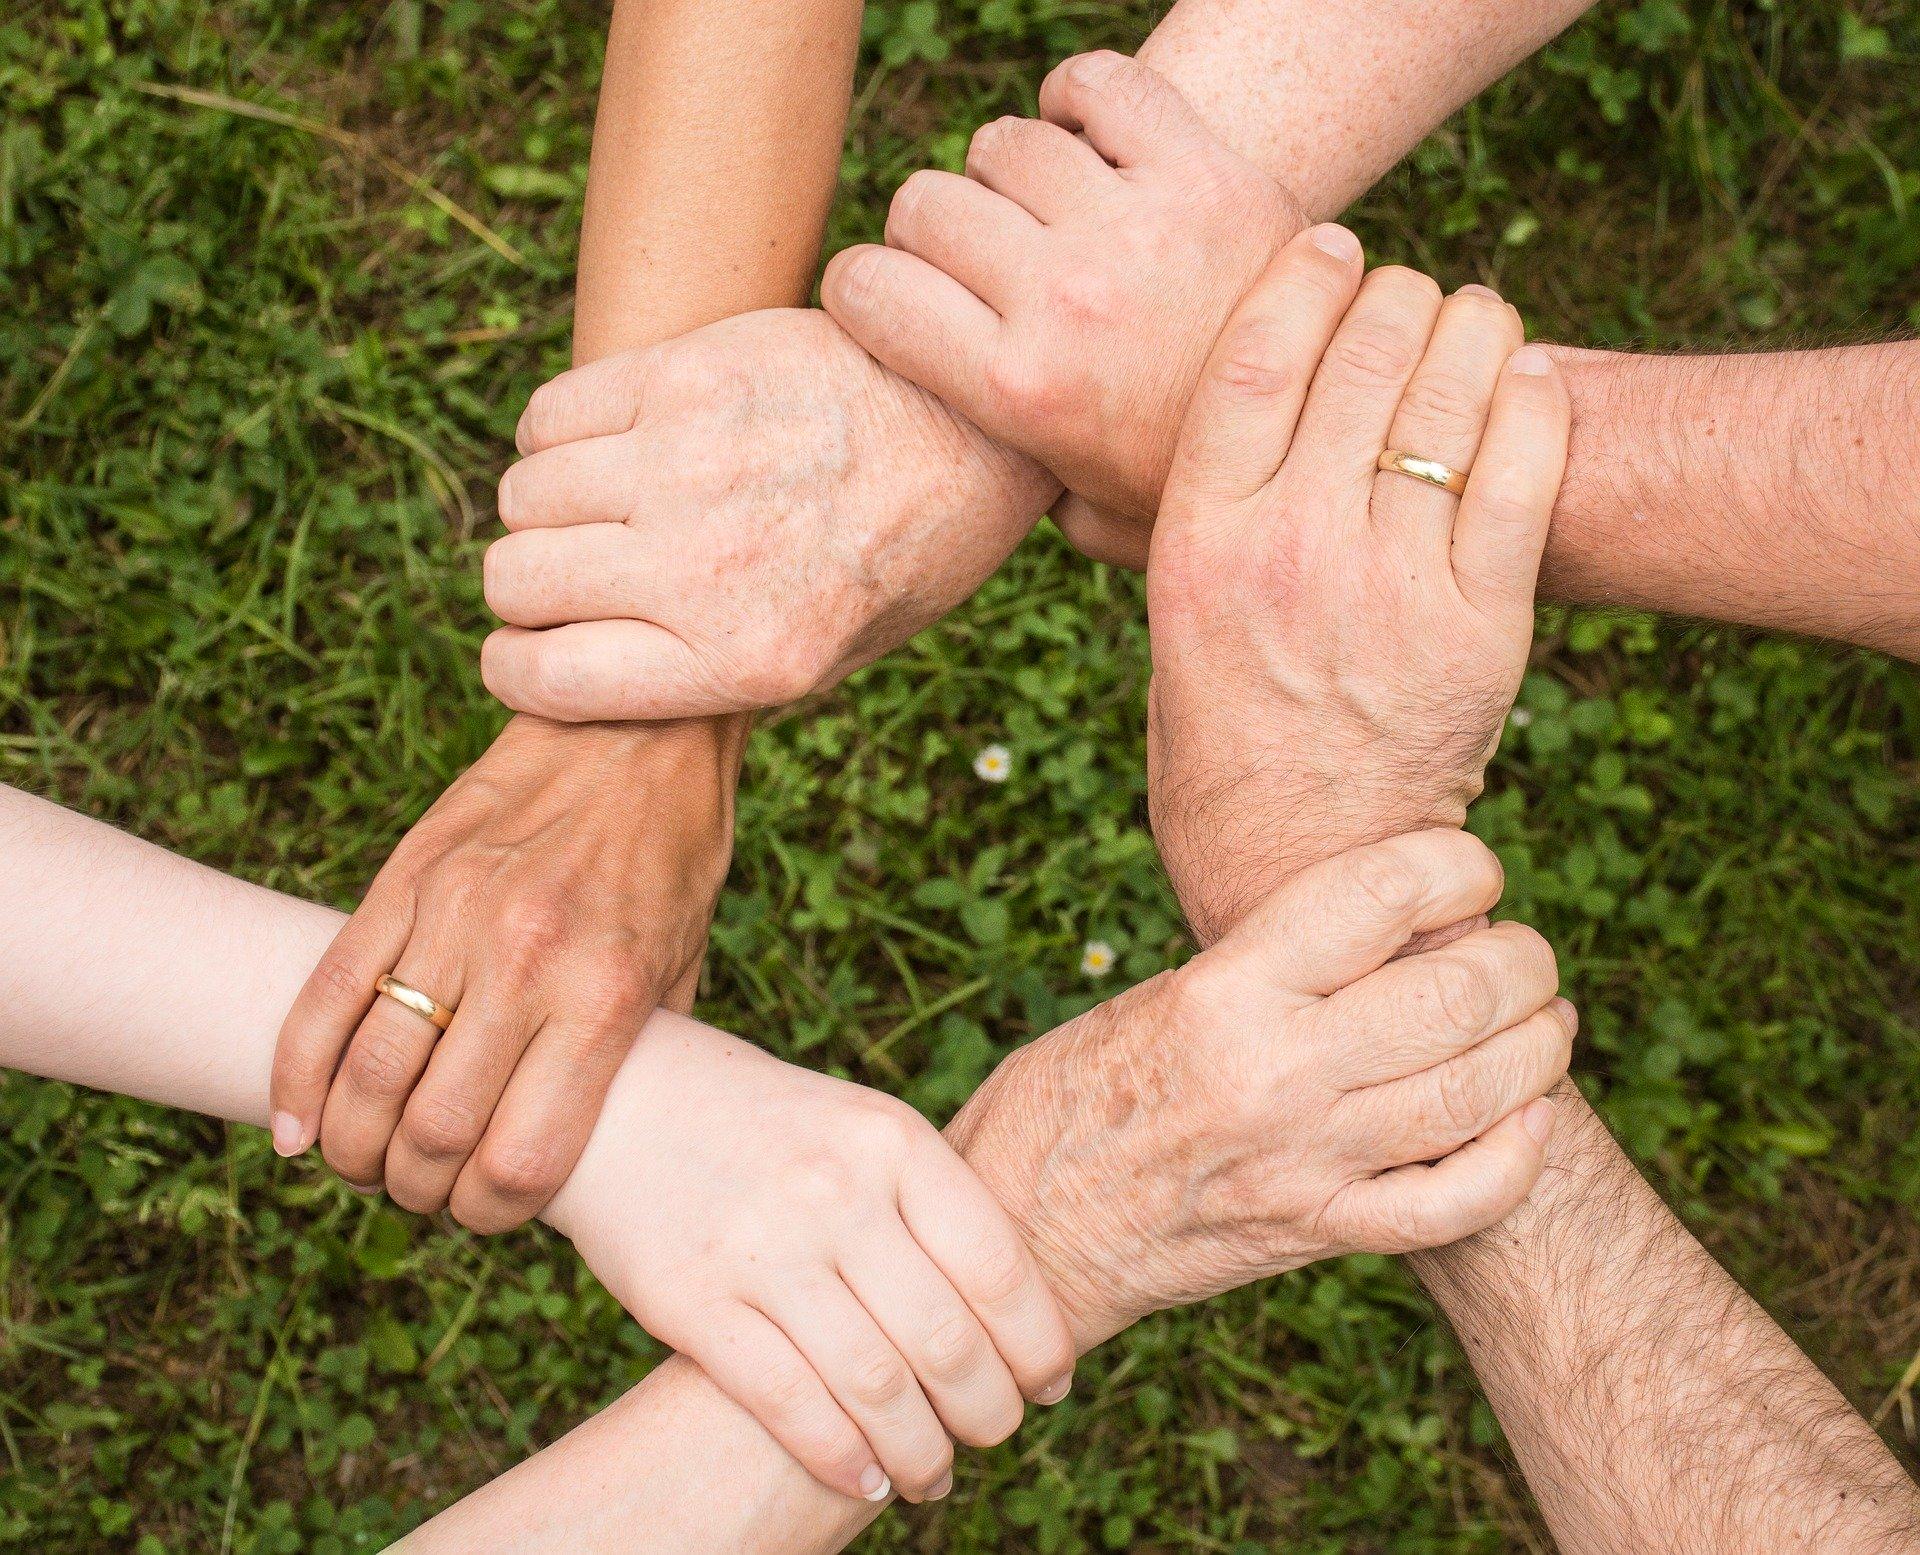 Gemeinsam bringen wir Freude und Abwechslung in den Alltag.